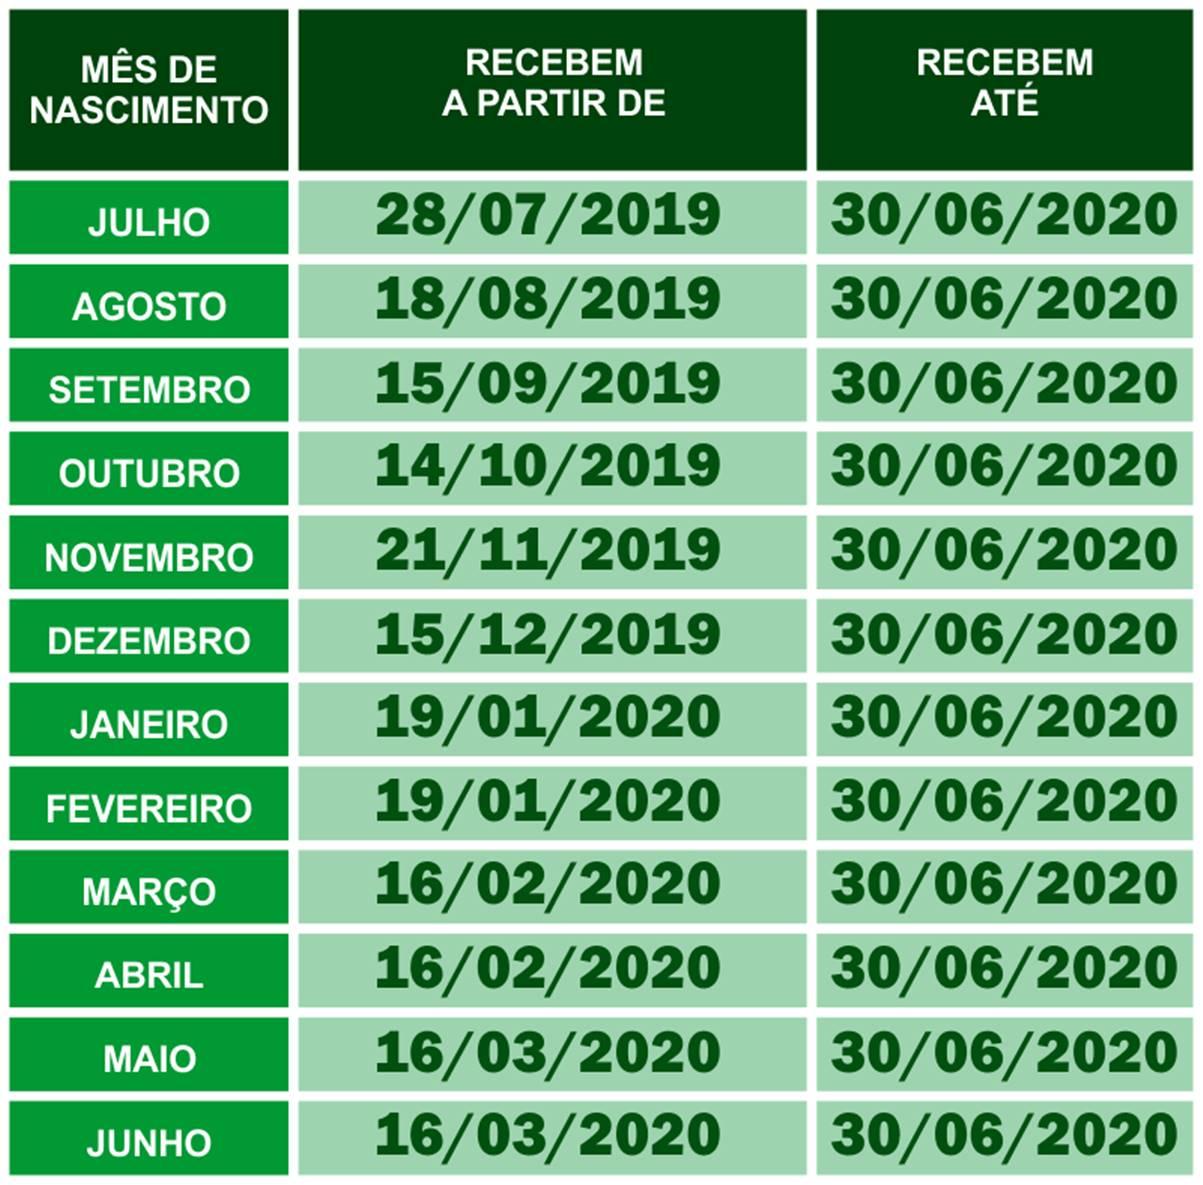 Quem tem direito a receber o novo PIS 2019/2020; confira!